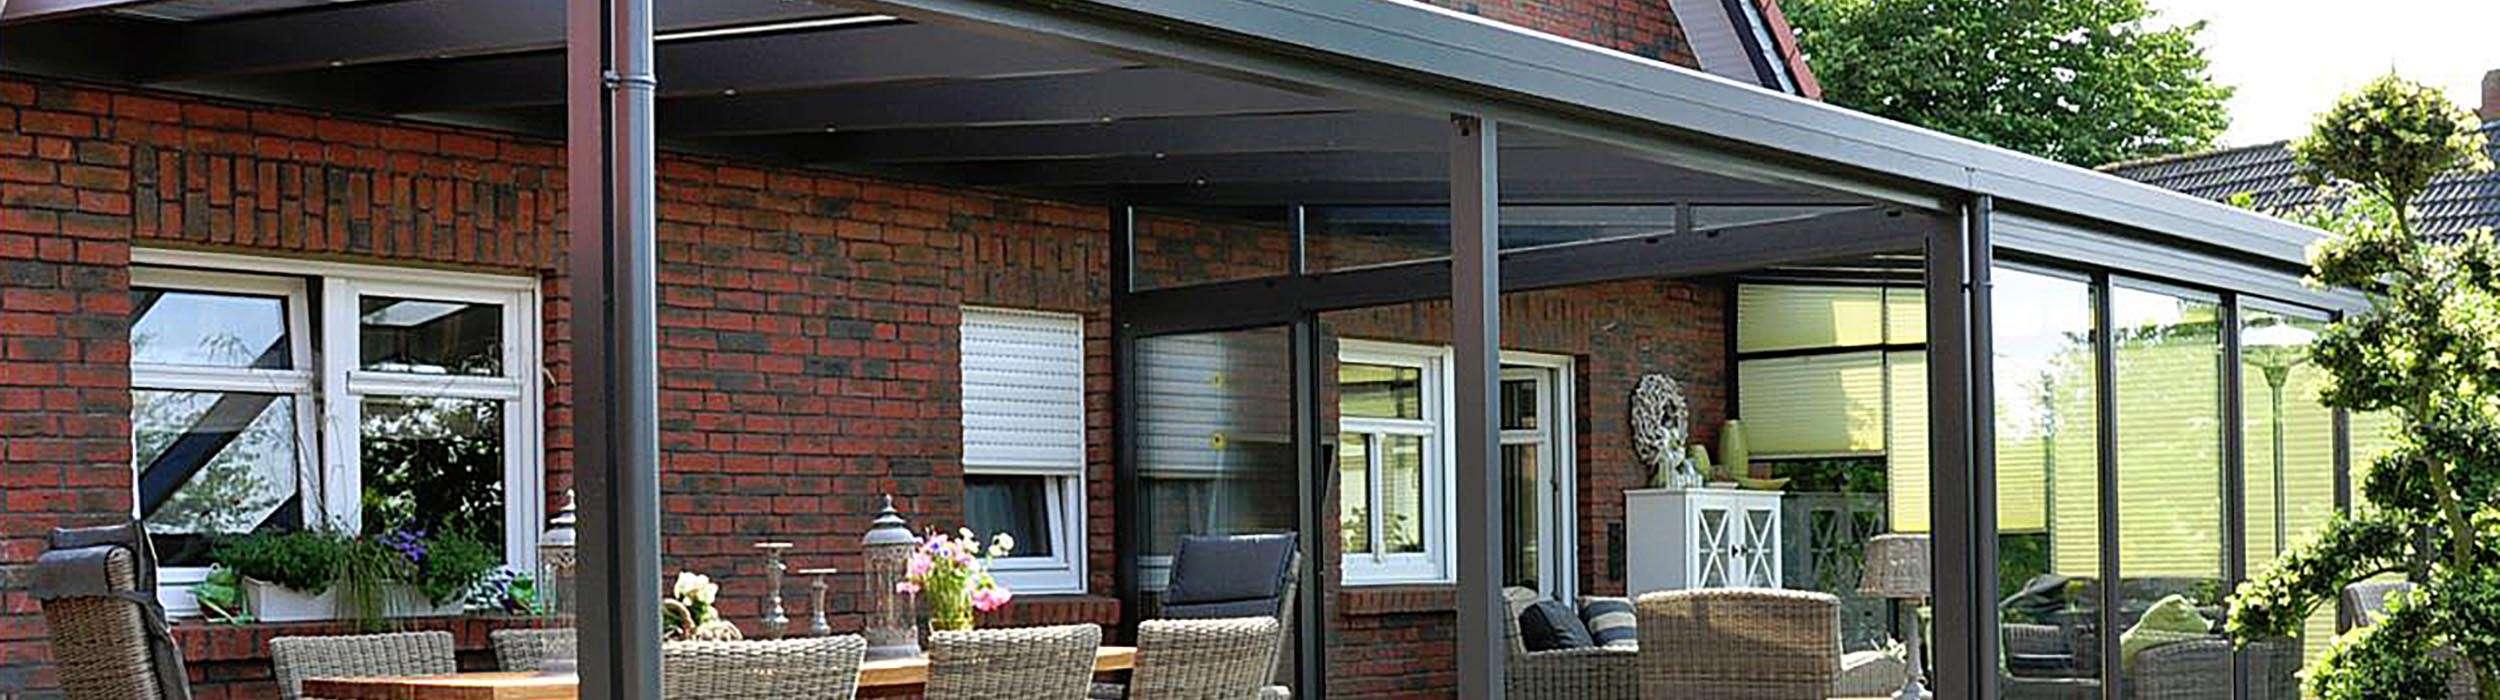 gebogene terrassen berdachung aus glas als attraktive l sung. Black Bedroom Furniture Sets. Home Design Ideas